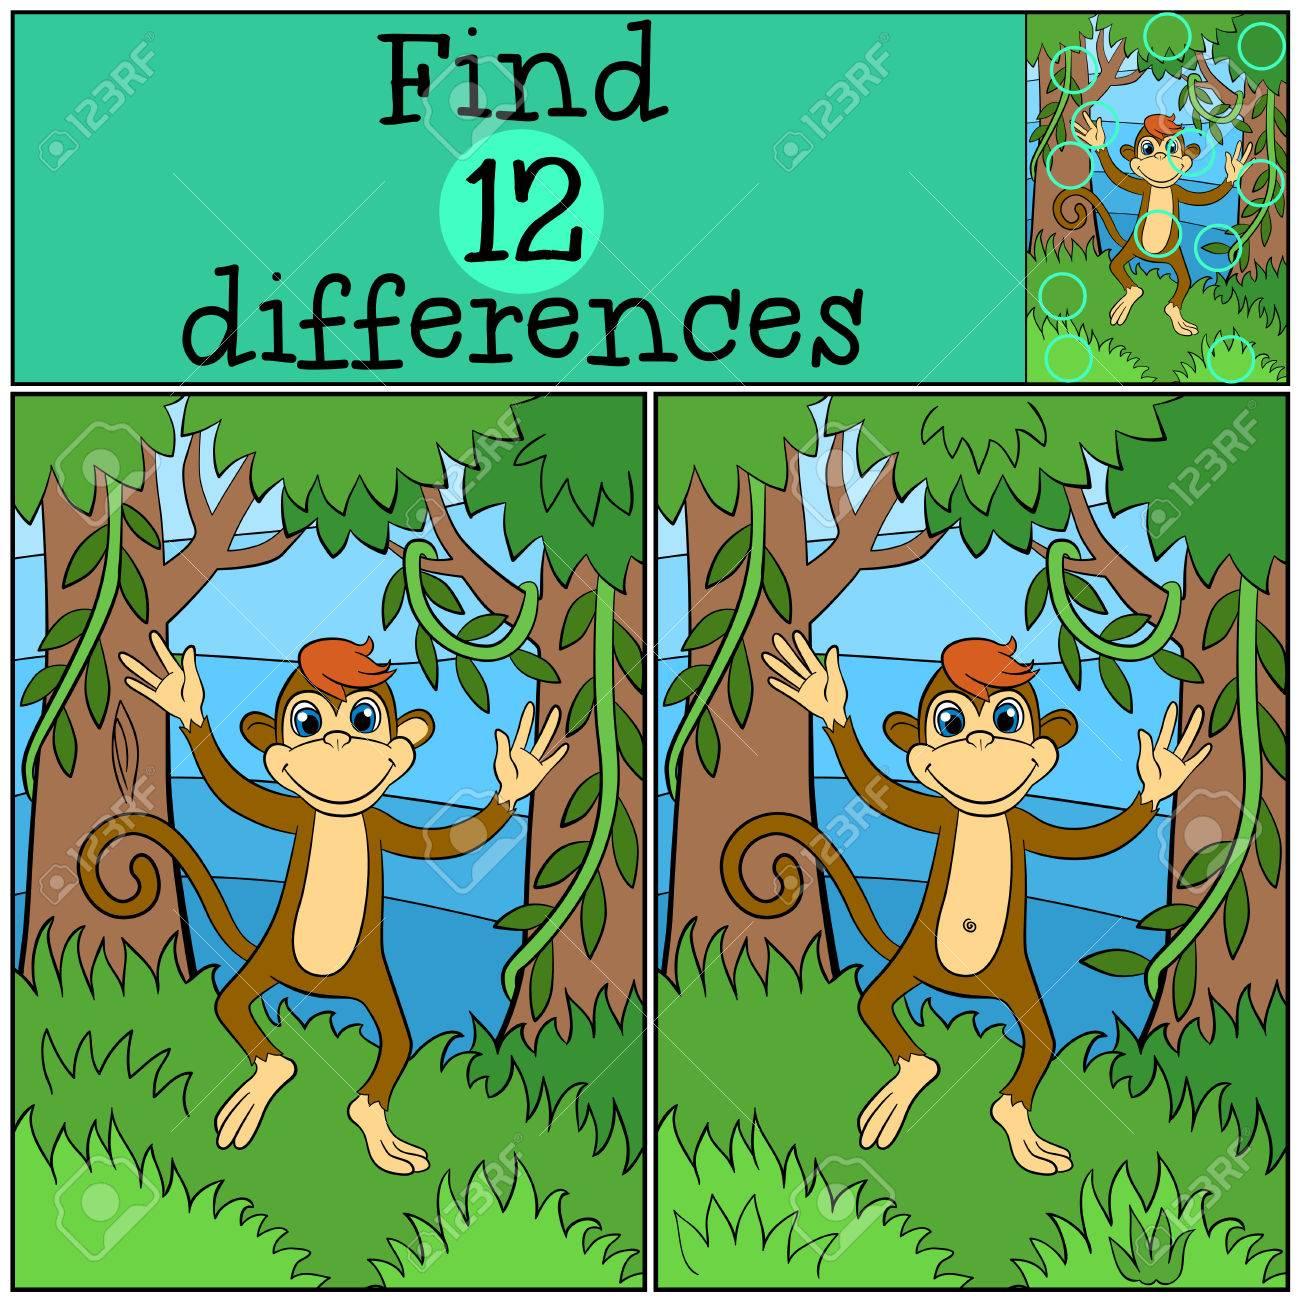 juegos infantiles encuentra las diferencias pequeas carreras mono lindo y sonrisas en el bosque